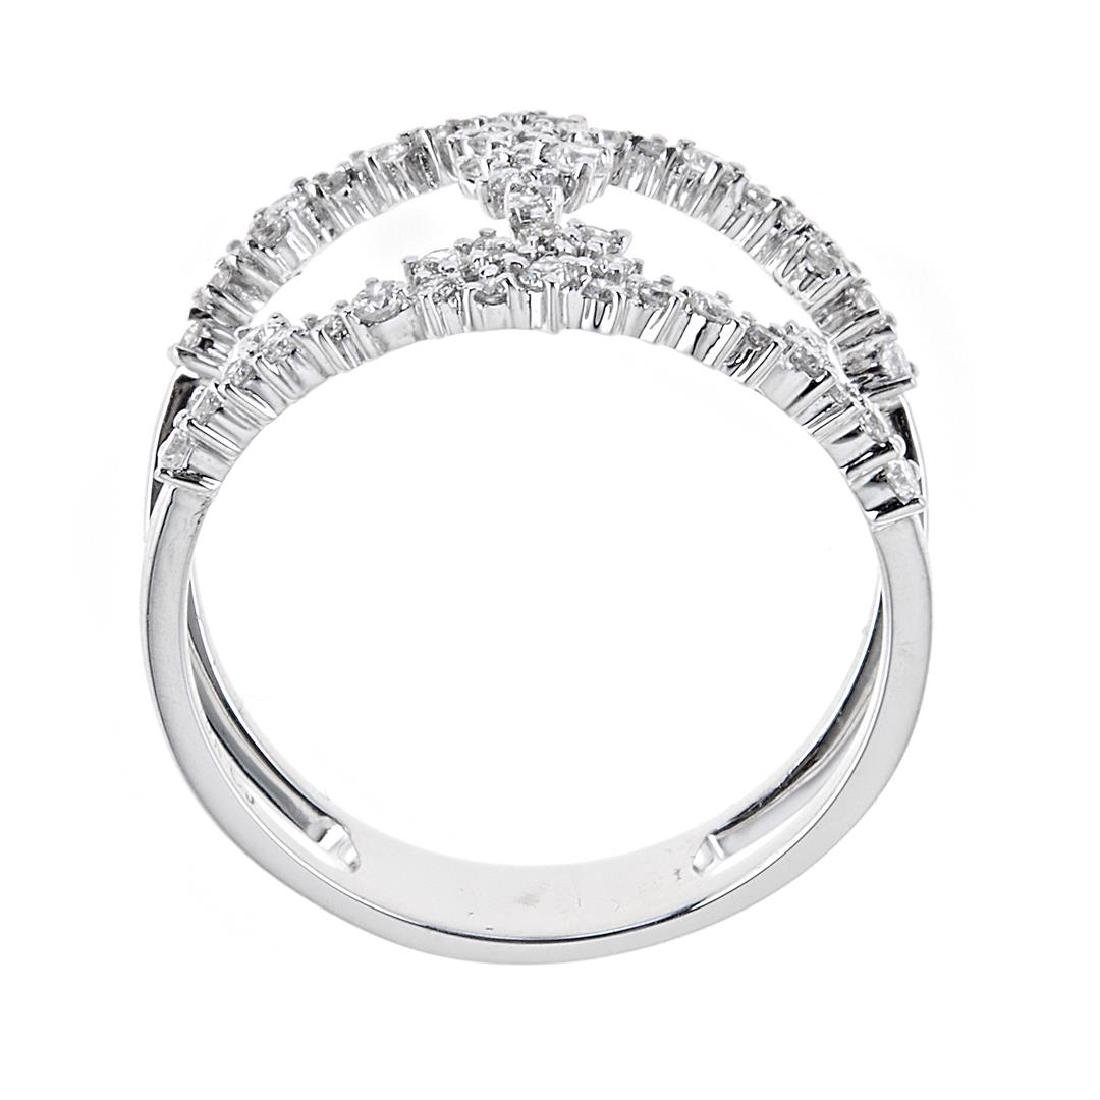 0.51 ctw Diamond Ring - 18KT White Gold - 2